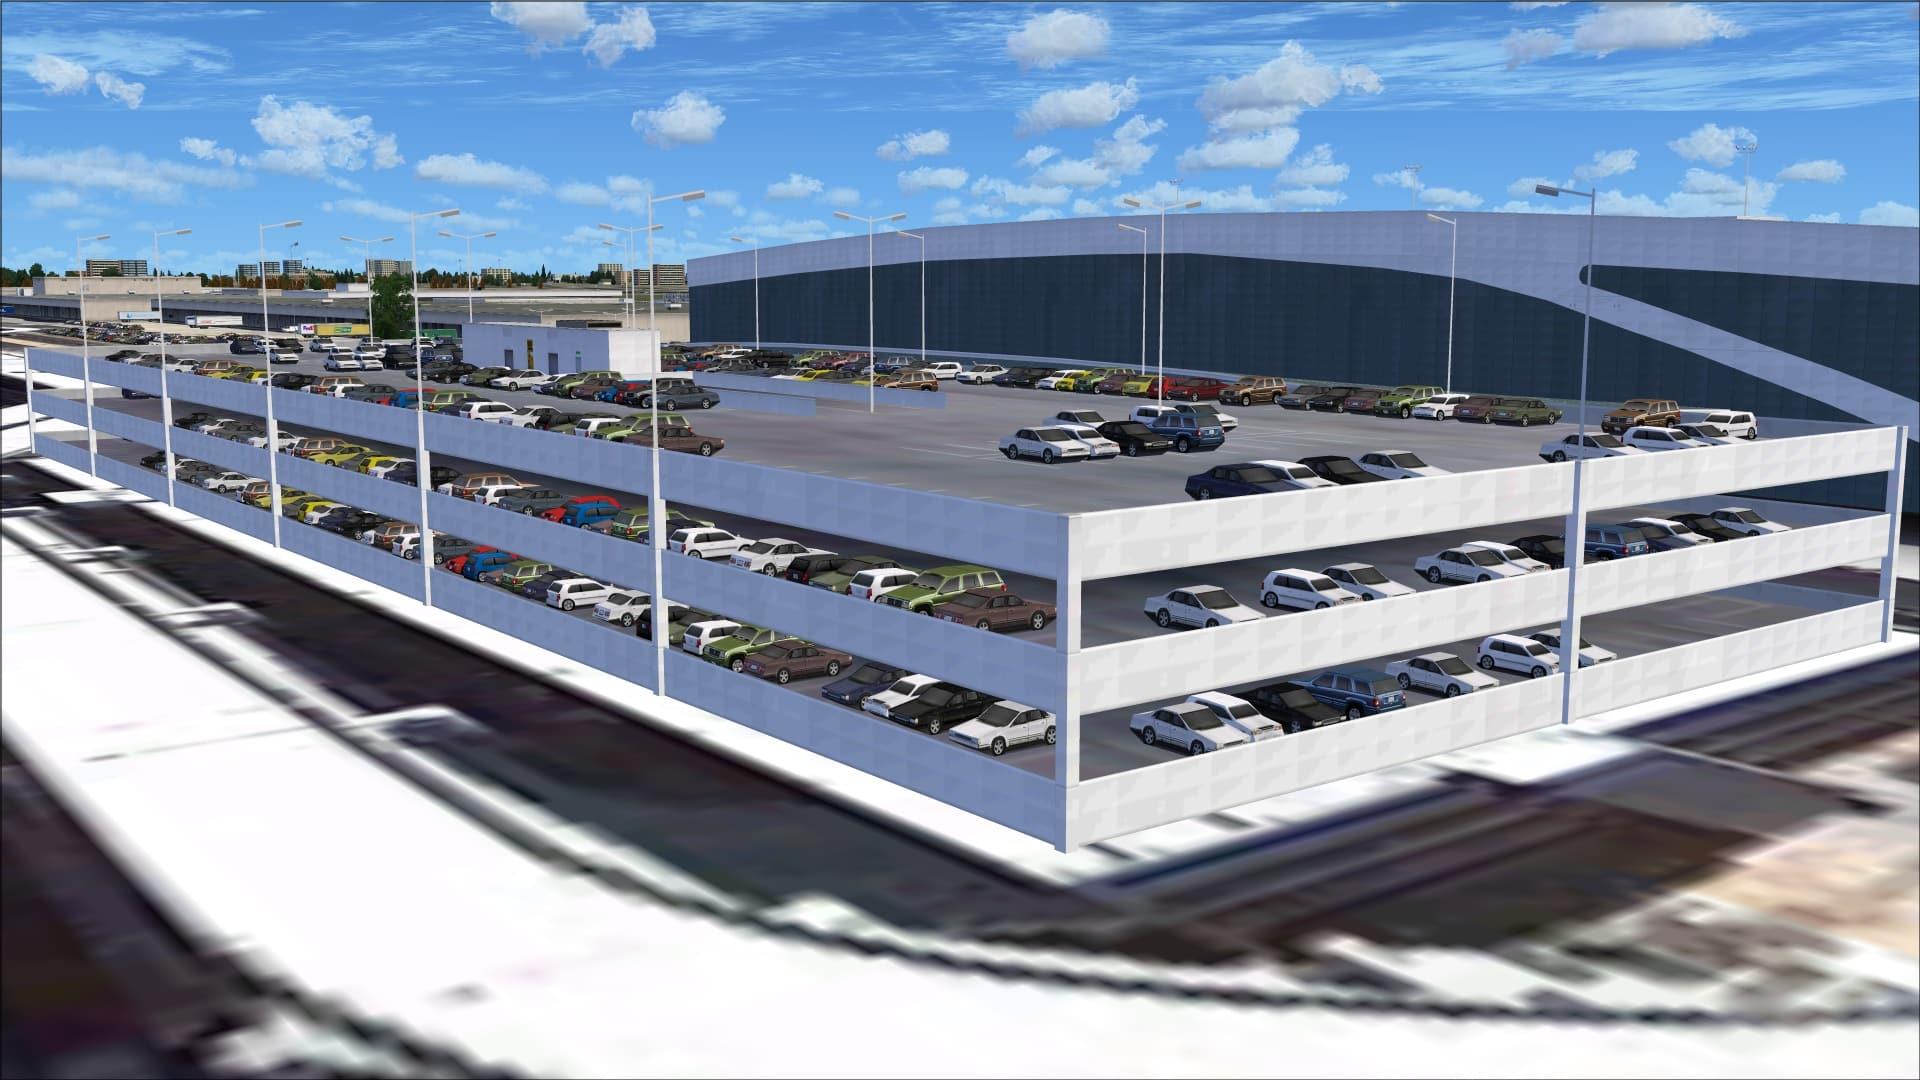 Review Of Imagine Sim Atlanta International Airport